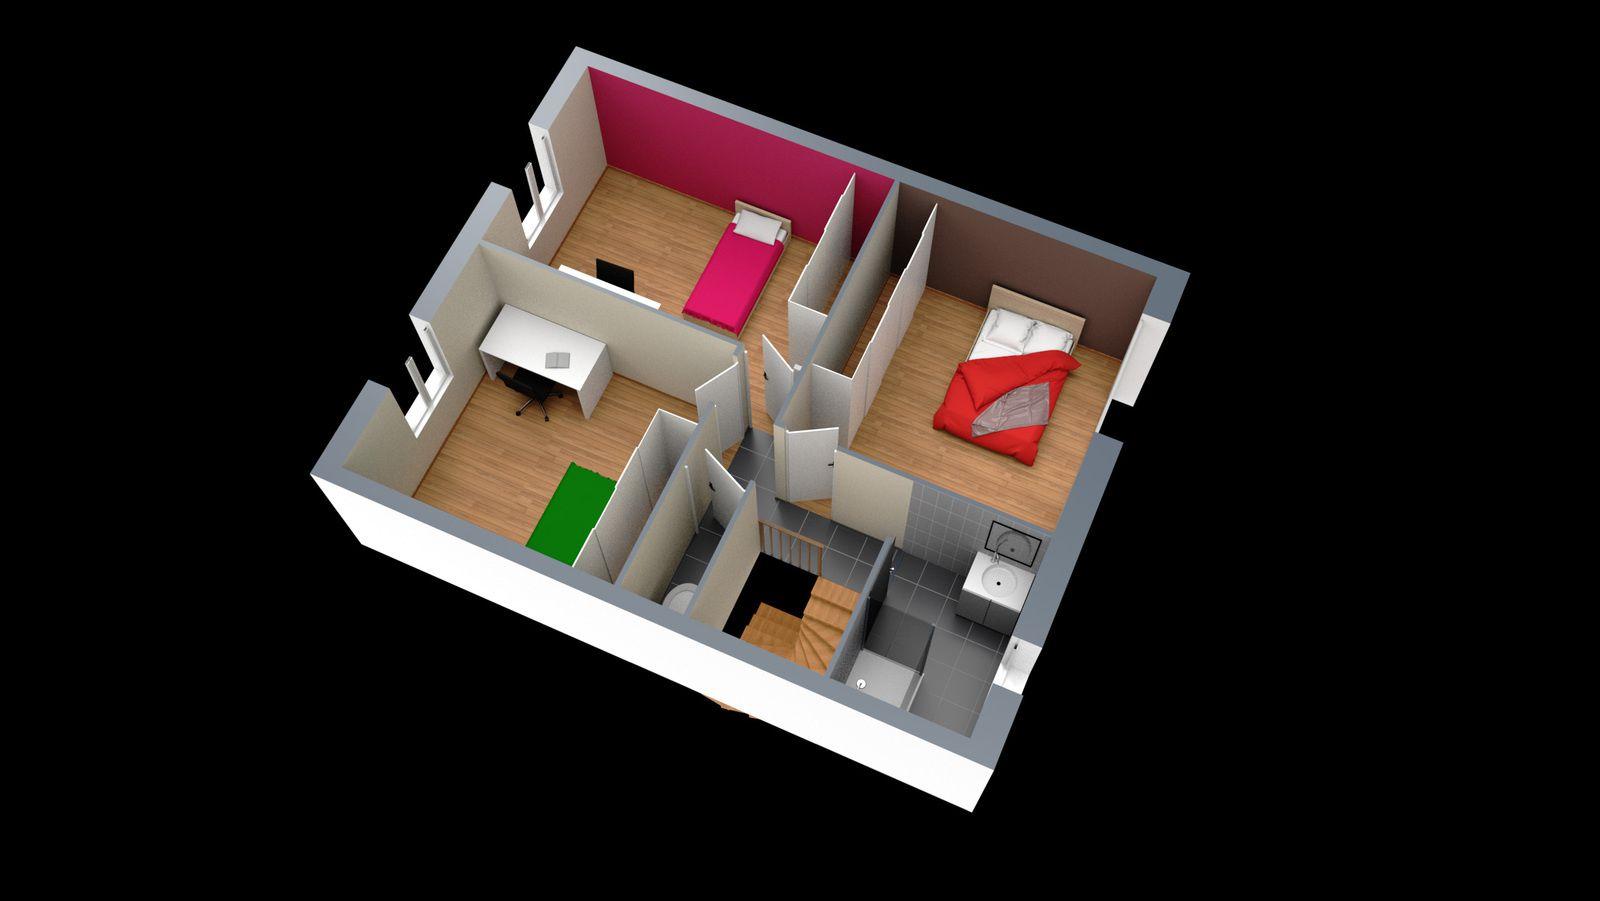 Interieur 3d eric tasca portfolio for Interieur 3d